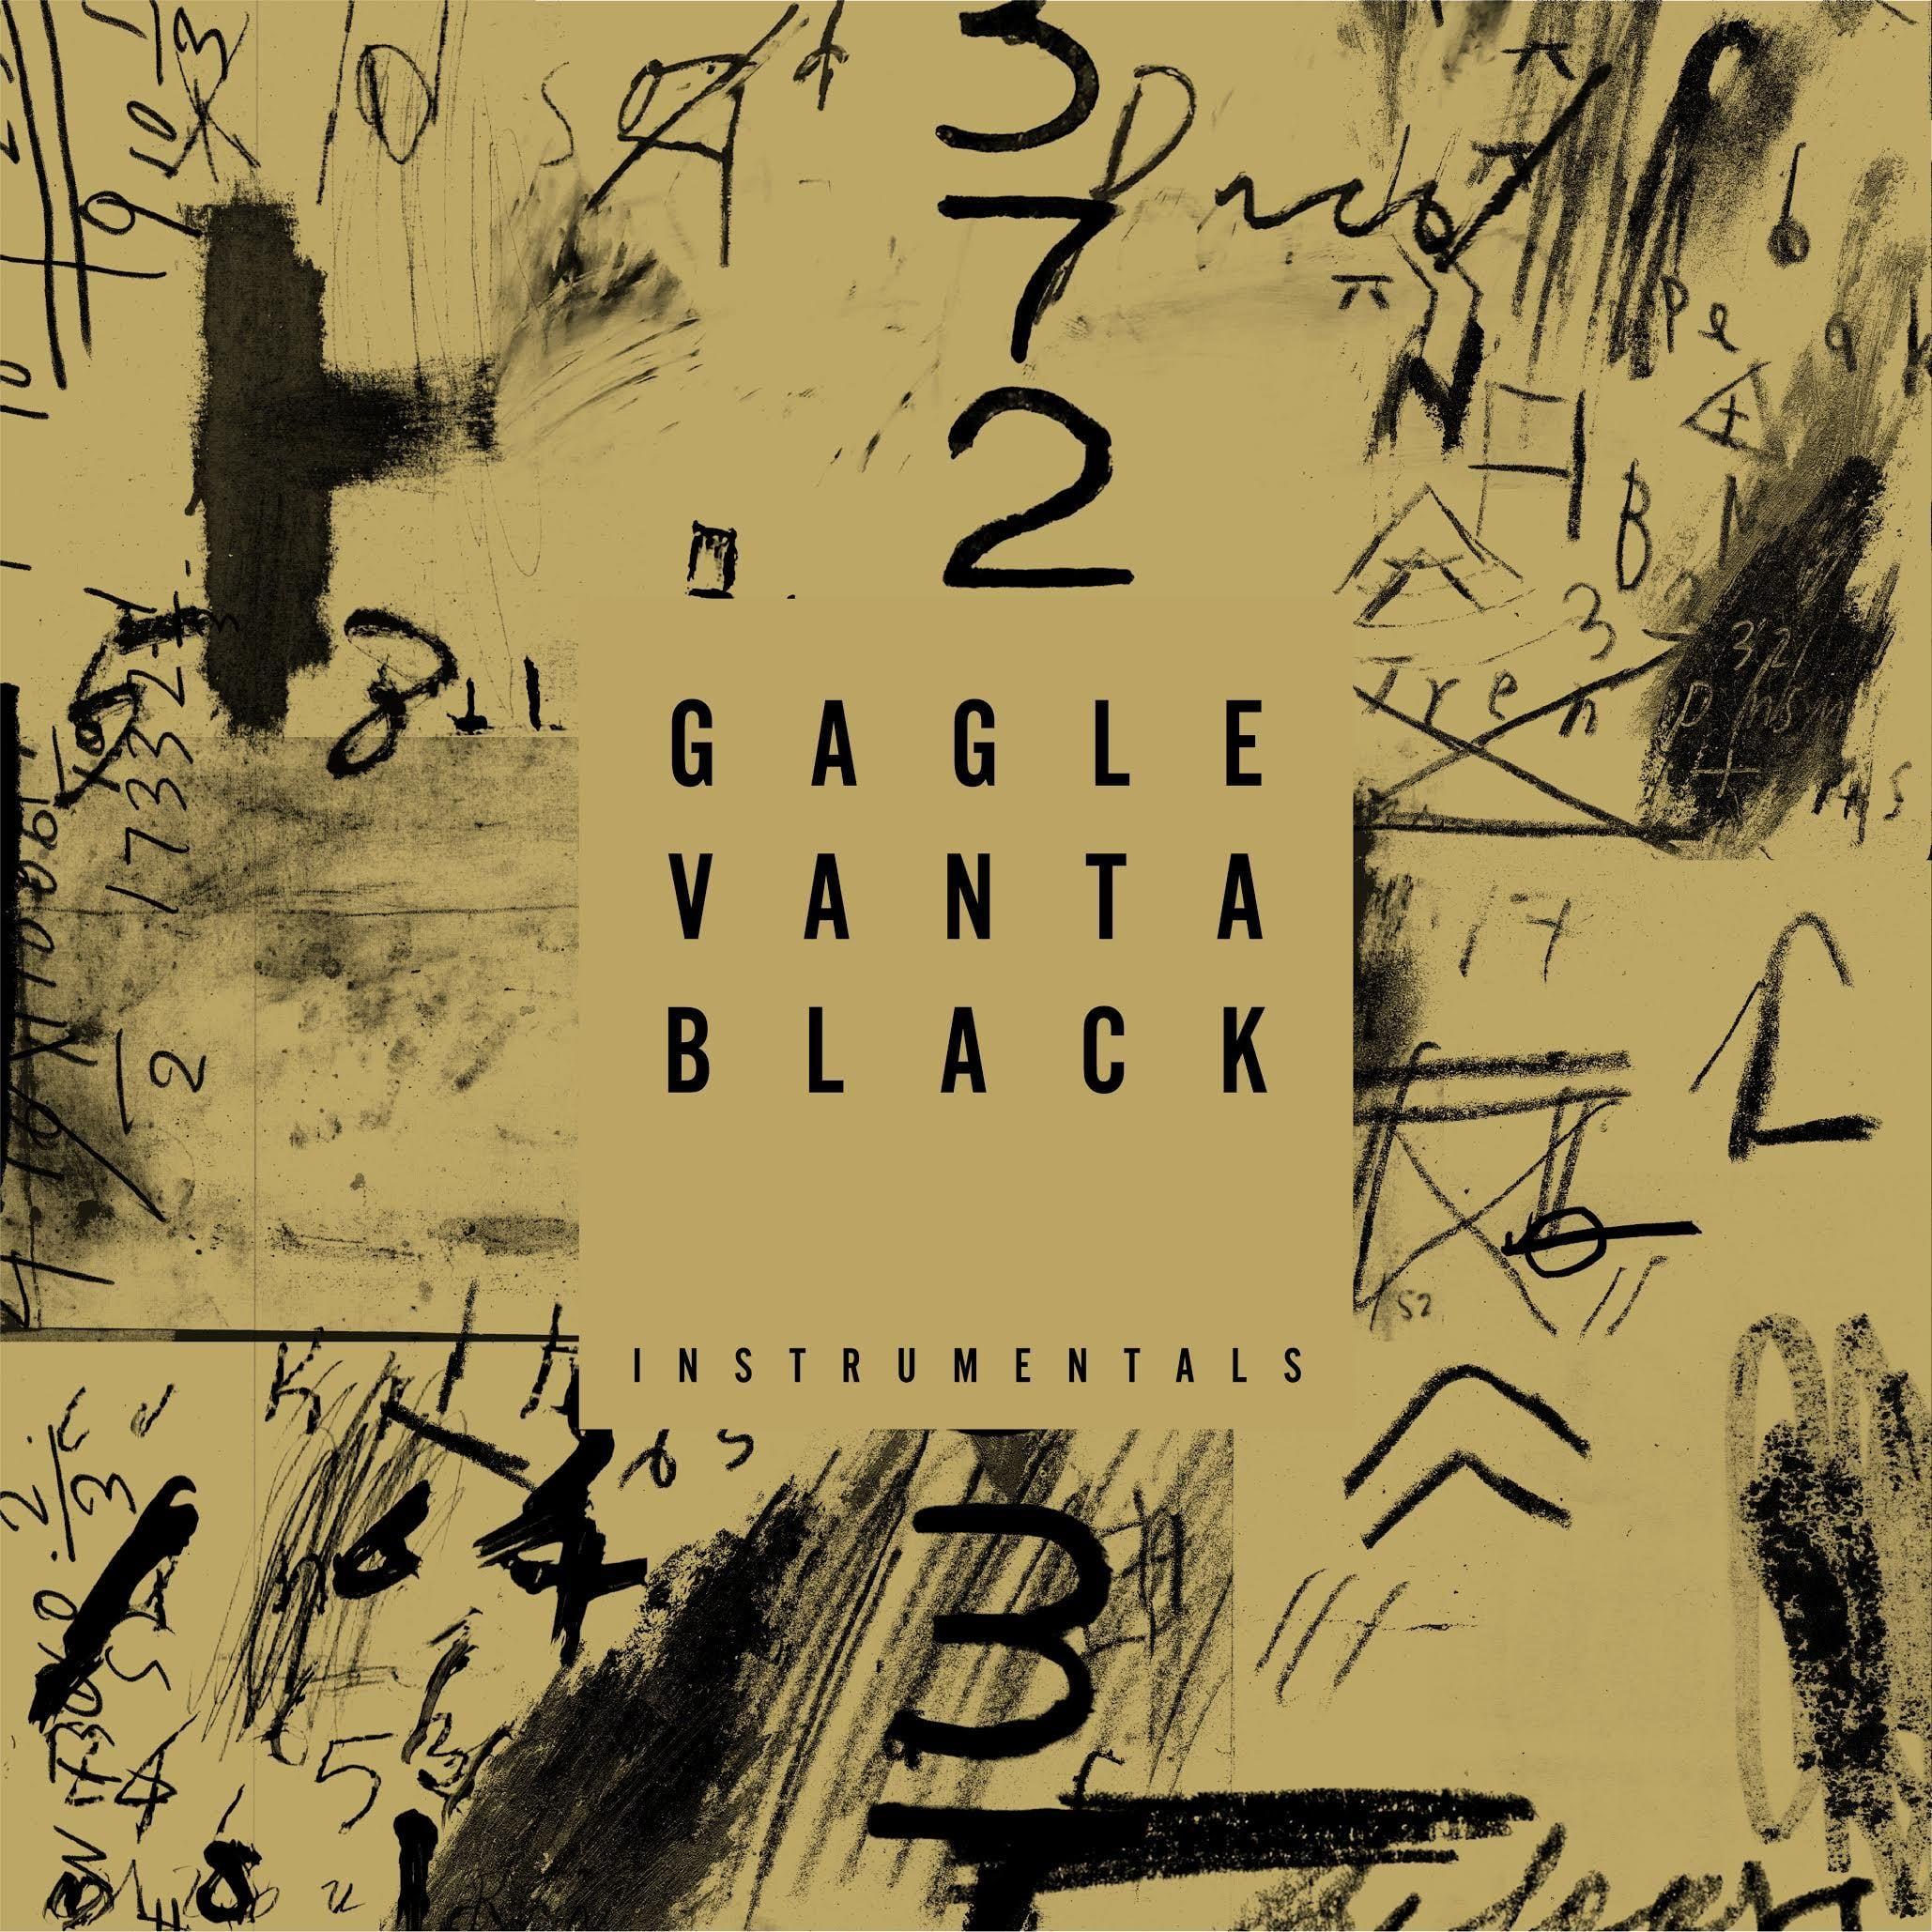 【LP】GAGLE - Vanta Black  Instrumentals